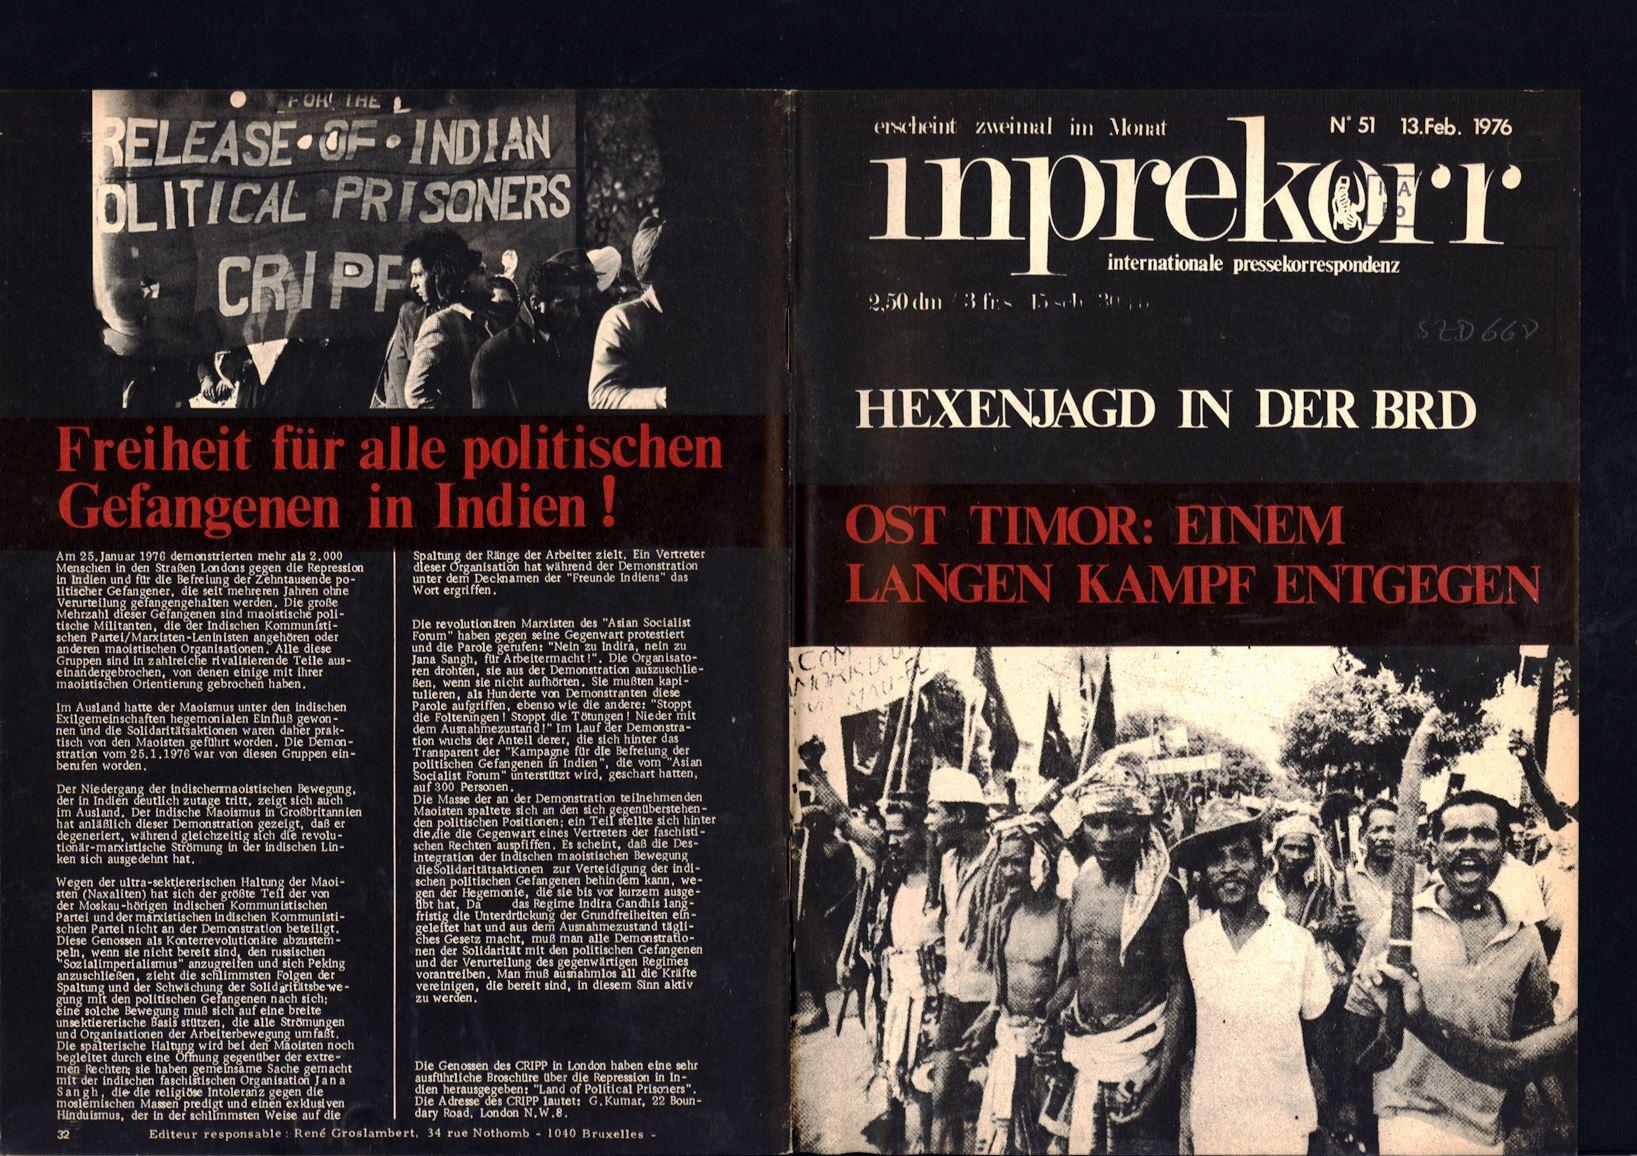 Inprekorr_19760213_051_001